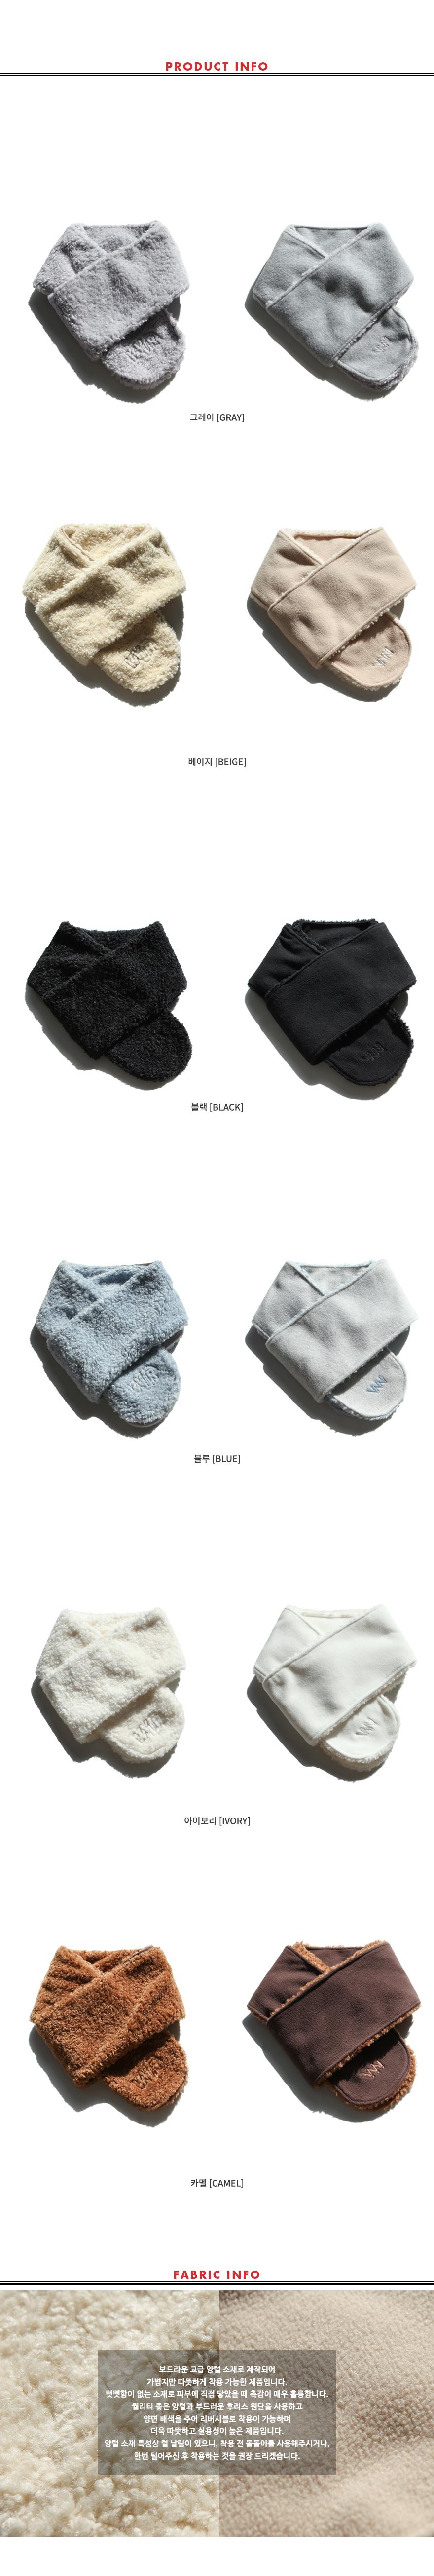 더블유브이프로젝트(WV PROJECT) 쥬쥬 리버시블 머플러 6종 패키지 MJAC7215